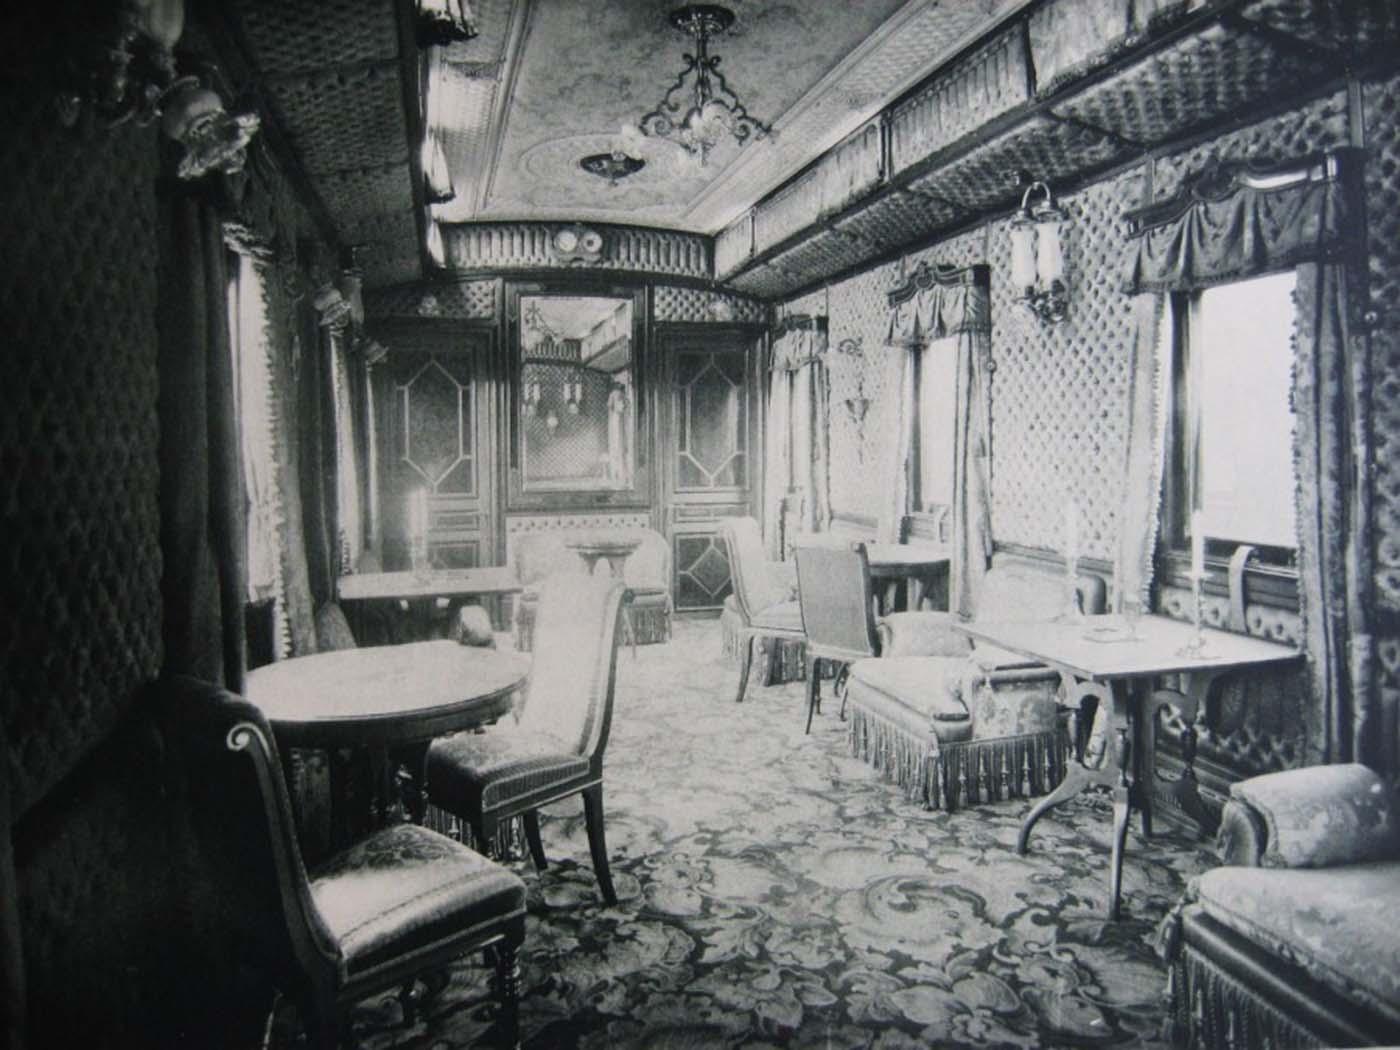 El salón tenía muebles de caoba suave en el estilo Art Nouveau. Las paredes, sofás, sillones y sillas estaban forrados con cortinas de pistacho a rayas; una alfombra de felpa en el suelo tenía un diseño a cuadros.